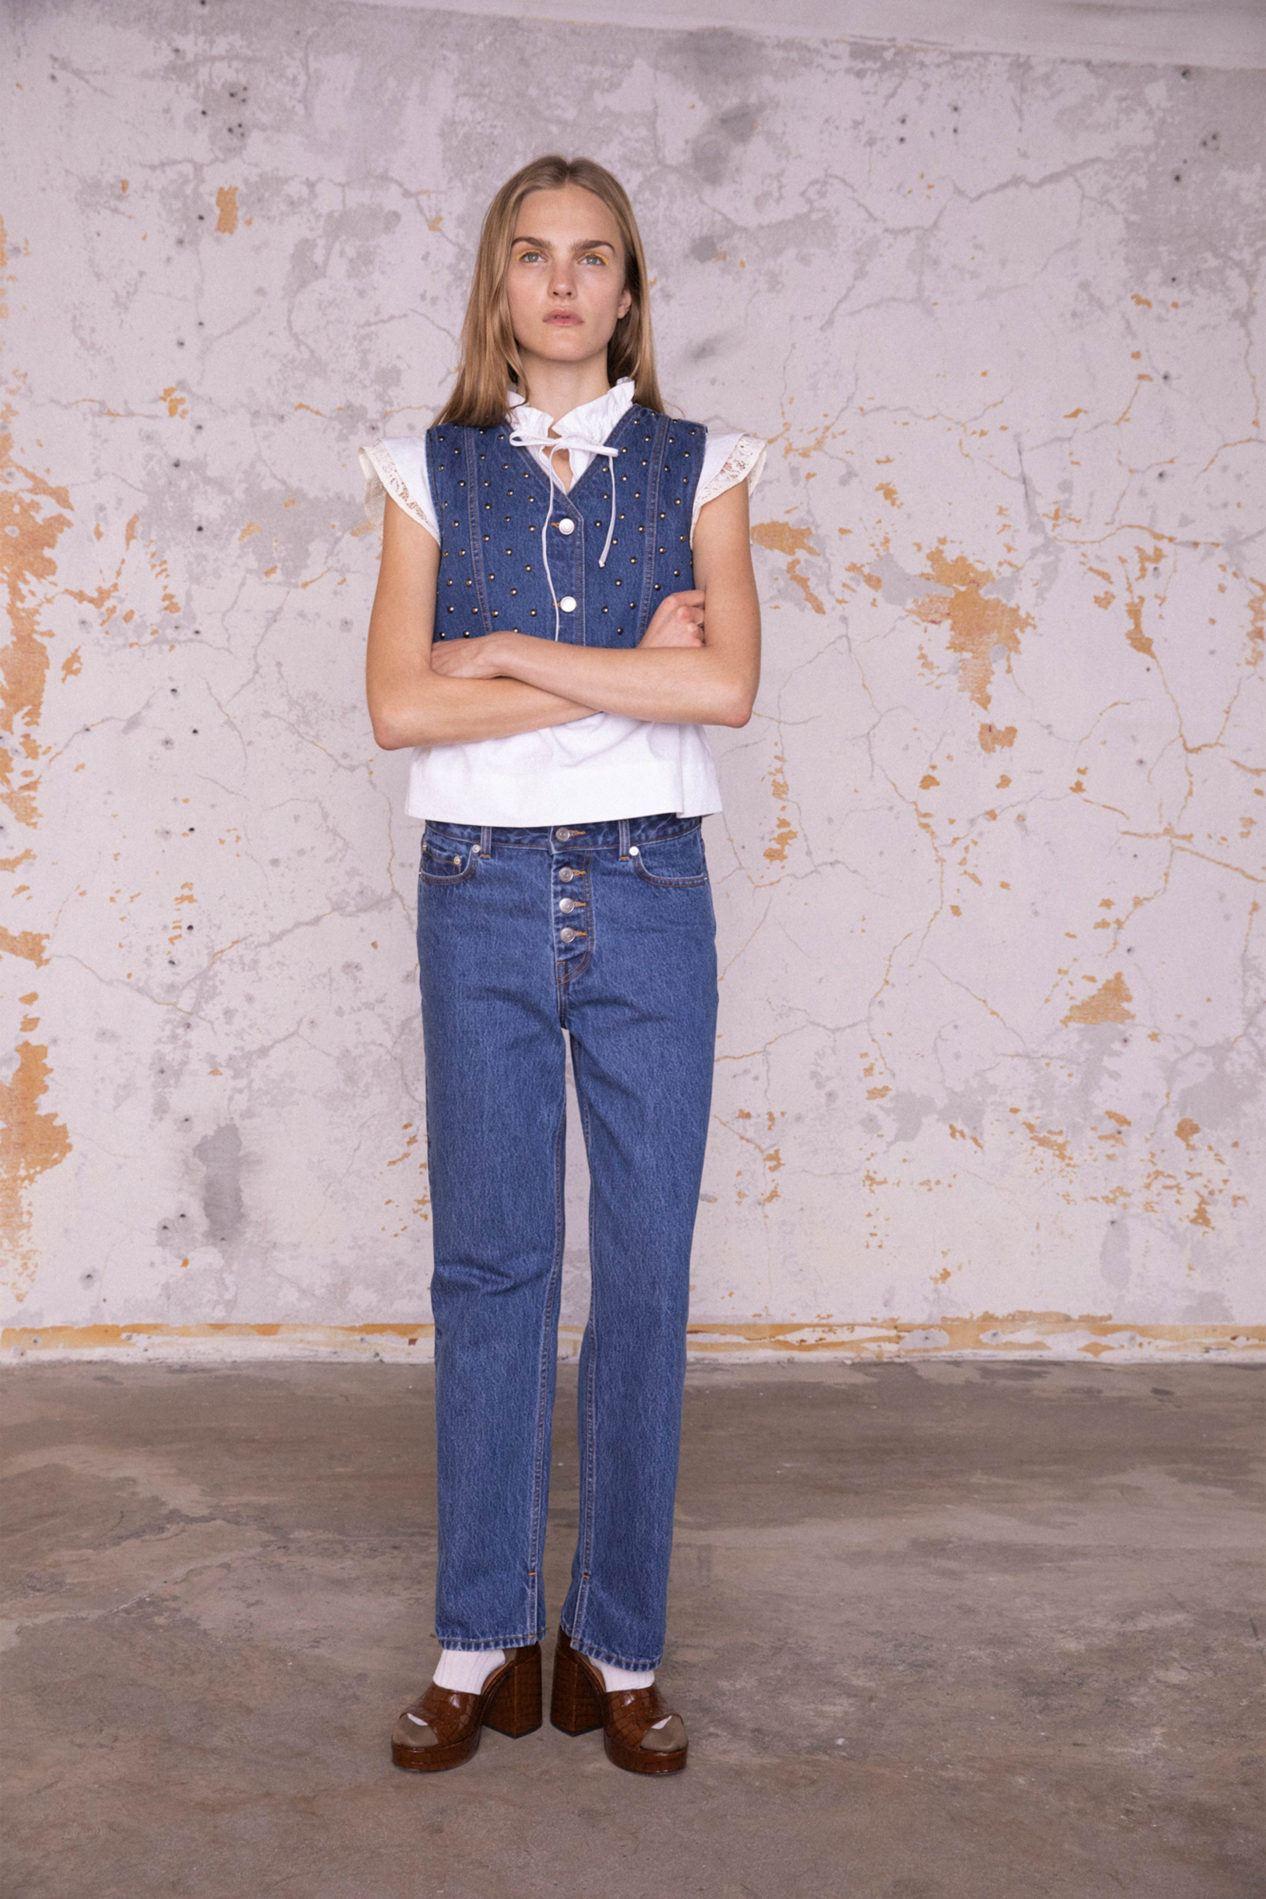 Que Zapatos Usar Con Jeans Tendencias De Moda Para Las Mujeres Modernas Confetissimo Blog De Mujeres